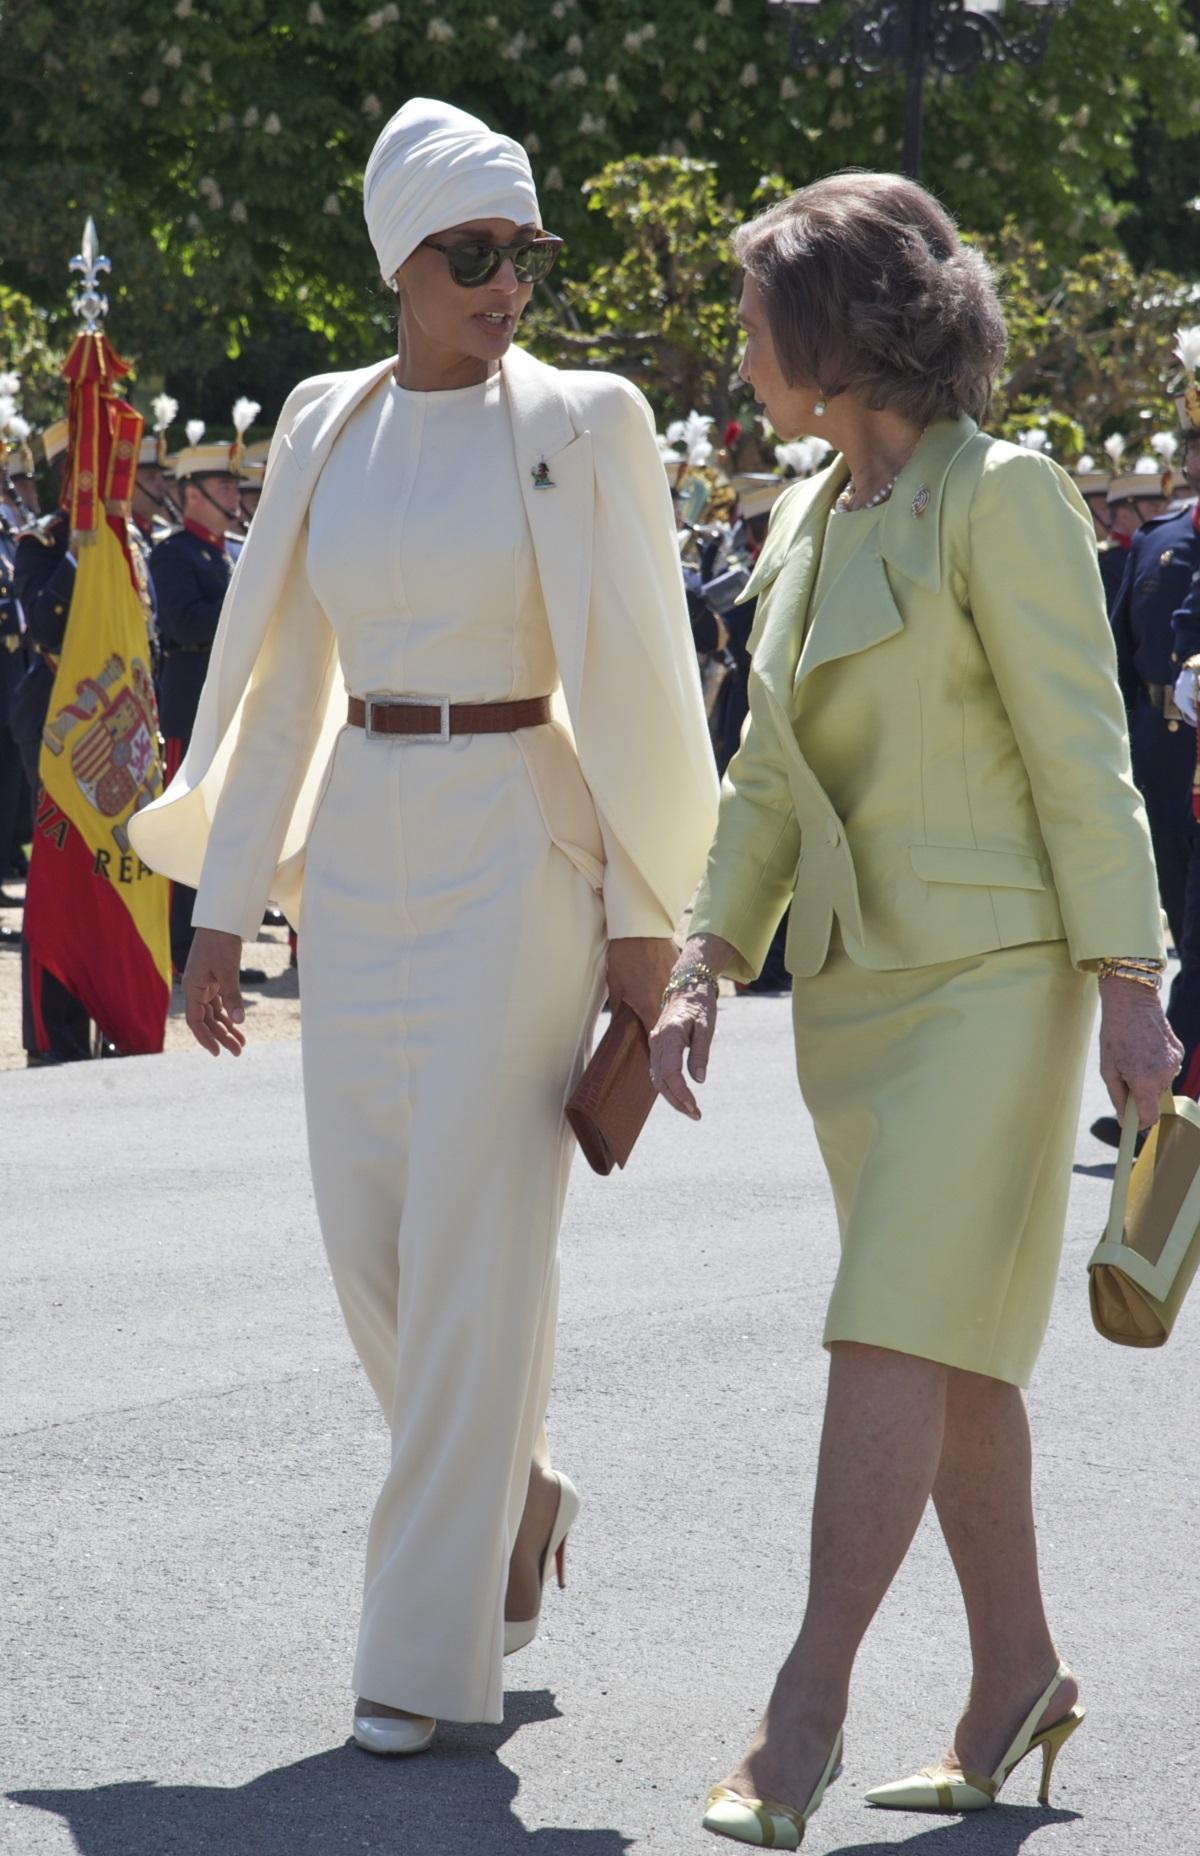 Тя се различава по много неща от останалите жени в страната ѝ - Катар. Облича панталони и рокли, подчертаващи формите ѝ, носи само тюрбан, има американско образование, а нейната дума се чува както в дома ѝ, така и във власта. Името ѝ е Моза бин Насер ал Миснед, втората съпруга на бившия емир на Катар шейх Хамад бин Калифа ал Тани (1995-2013 г.). На 18 г. шейха Моза загърбва плановете за брак с бъдещия емир, за да завърши образованието си по психология, а след това заминава да учи в Щатите. Връщайки се оттам, Моза е готова да се отдаде на семейството.